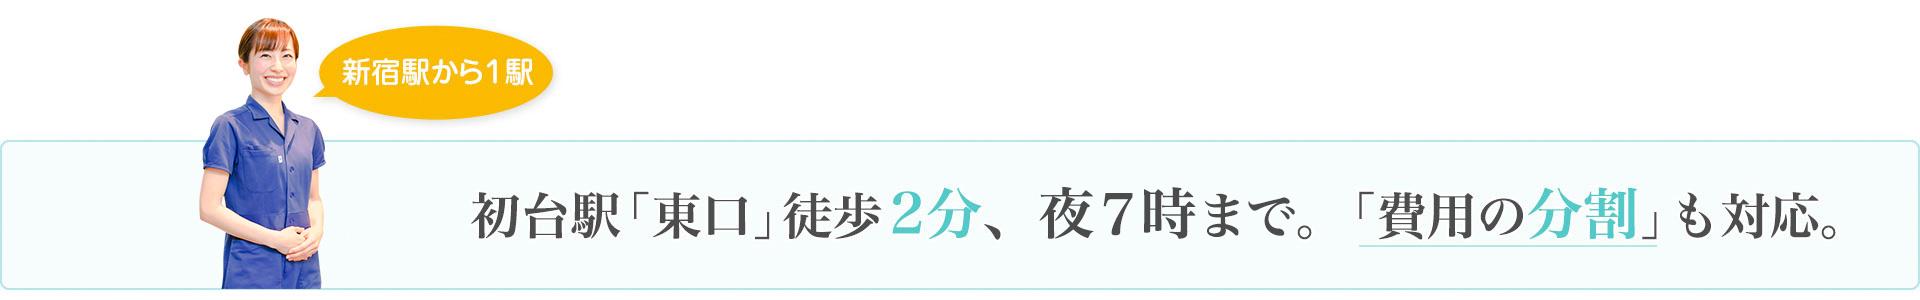 新宿駅から1駅 初台駅「東口」徒歩2分。「費用の分割」も対応。